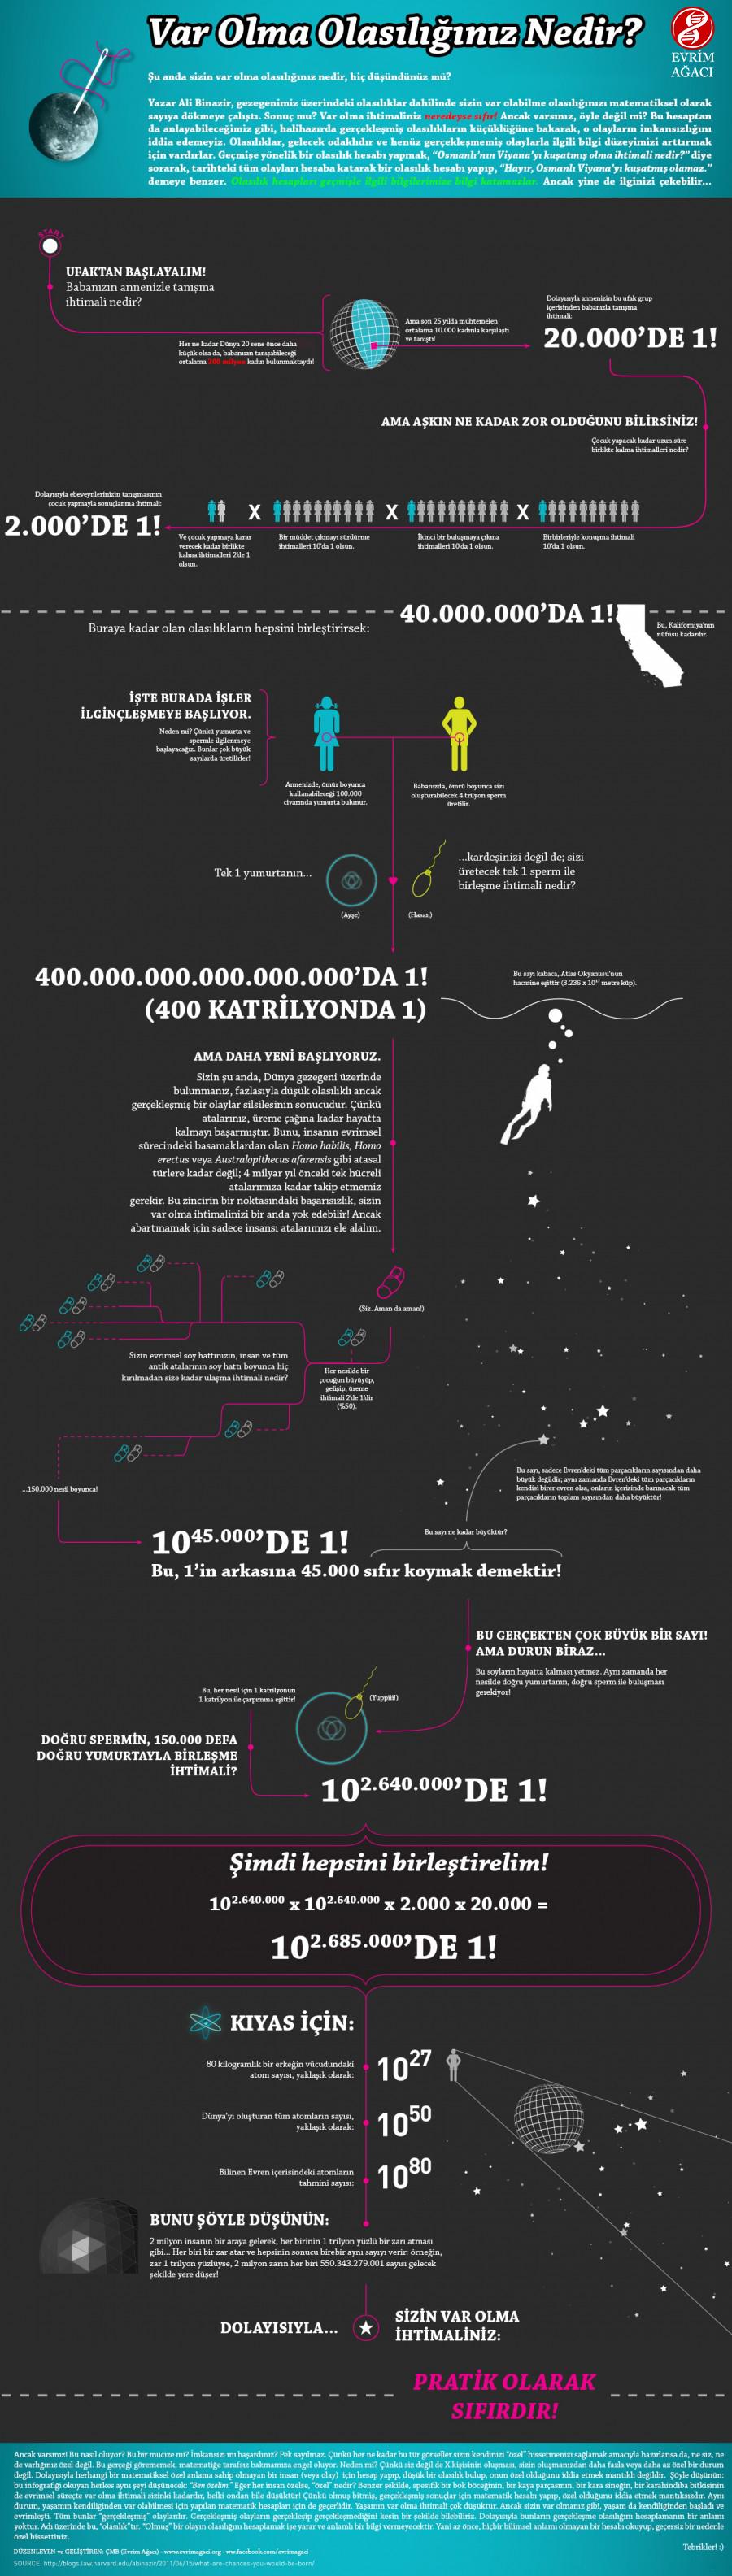 Bu infografiğin orijinalinde de, spesifik bir insanın var olma ihtimali için yapılan bir hesaplamadan yola çıkarak, her insanın bir